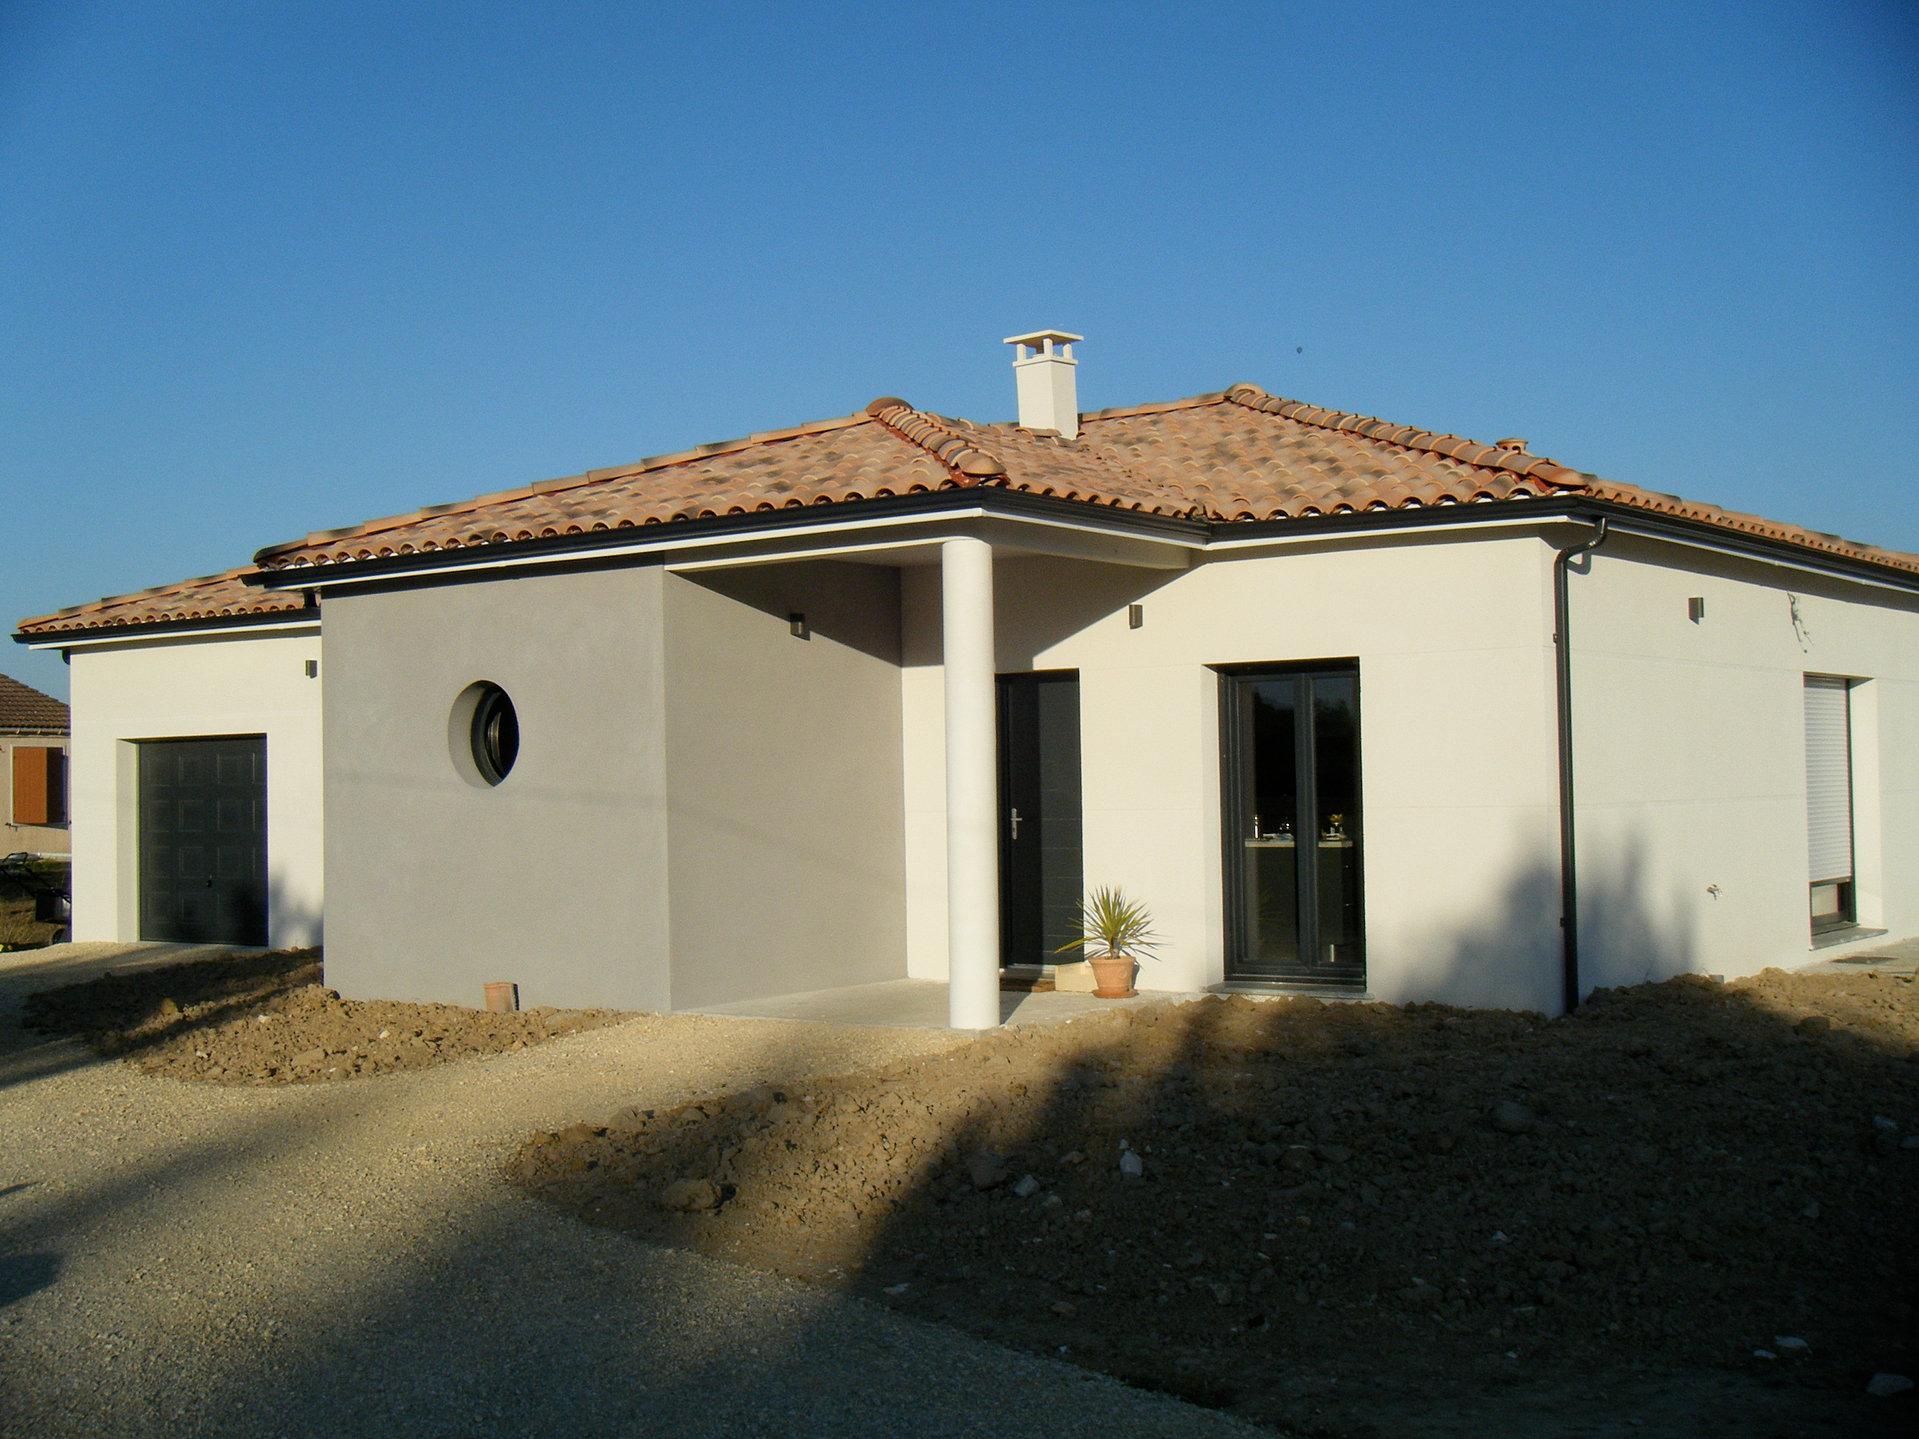 Ger constructeur de maisons individuelles for Constructeur de maison individuelle 53